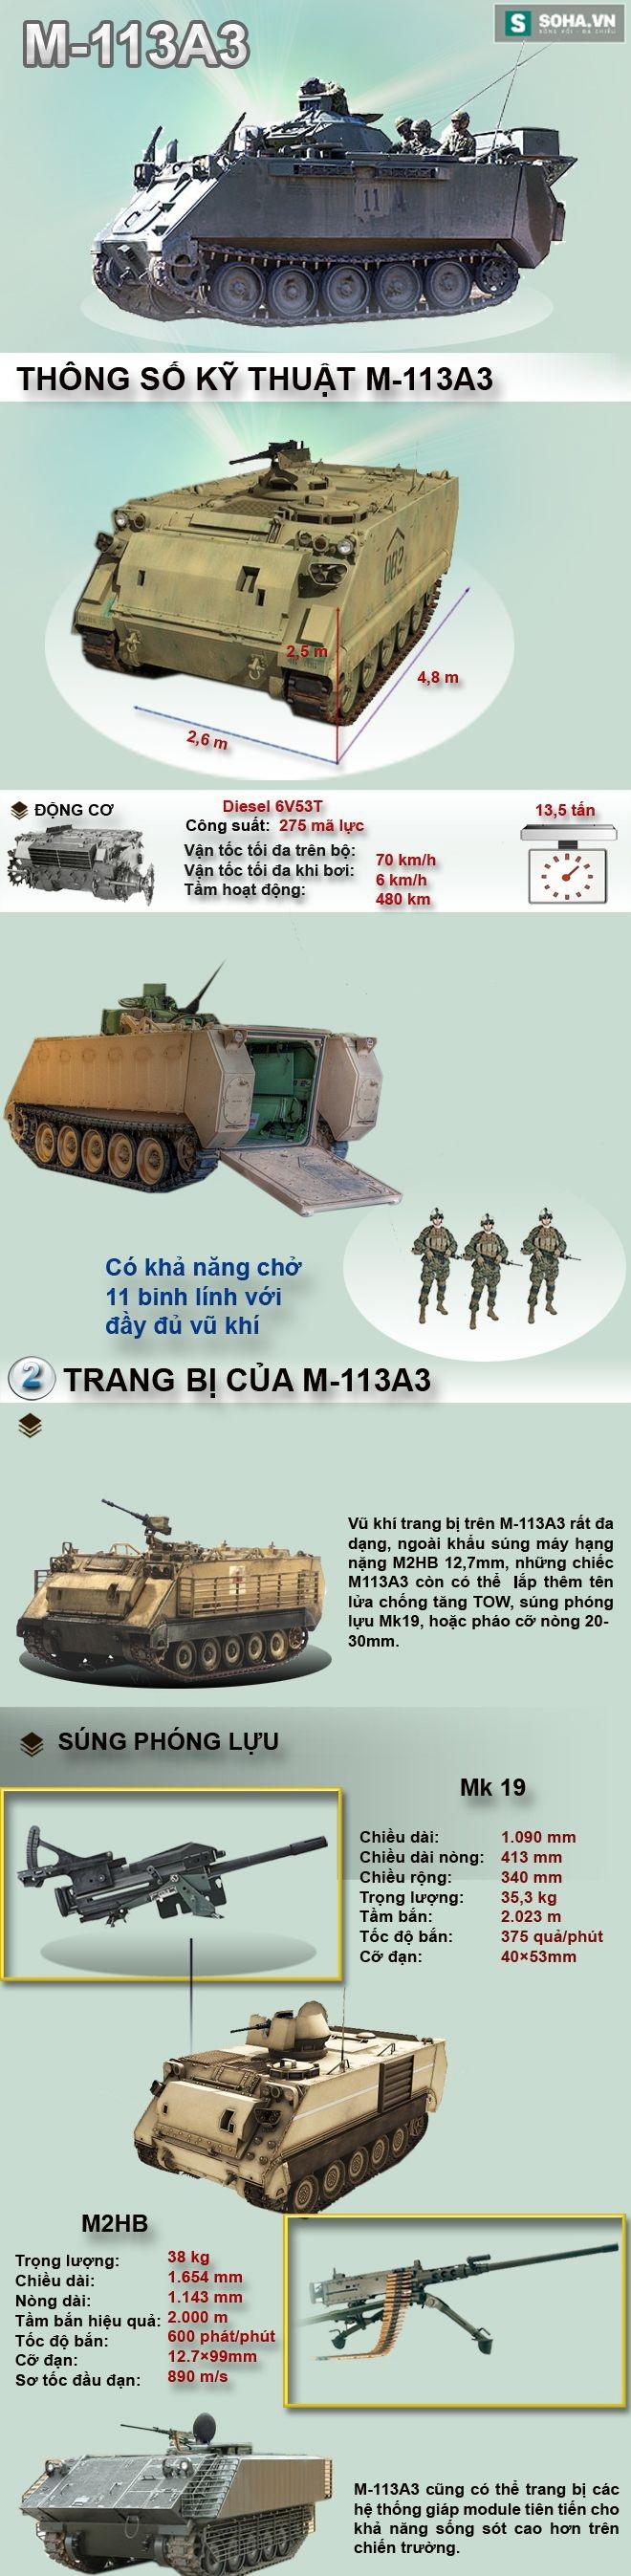 Gói nâng cấp xe thiết giáp M-113 có thể phù hợp với Việt Nam - Ảnh 1.